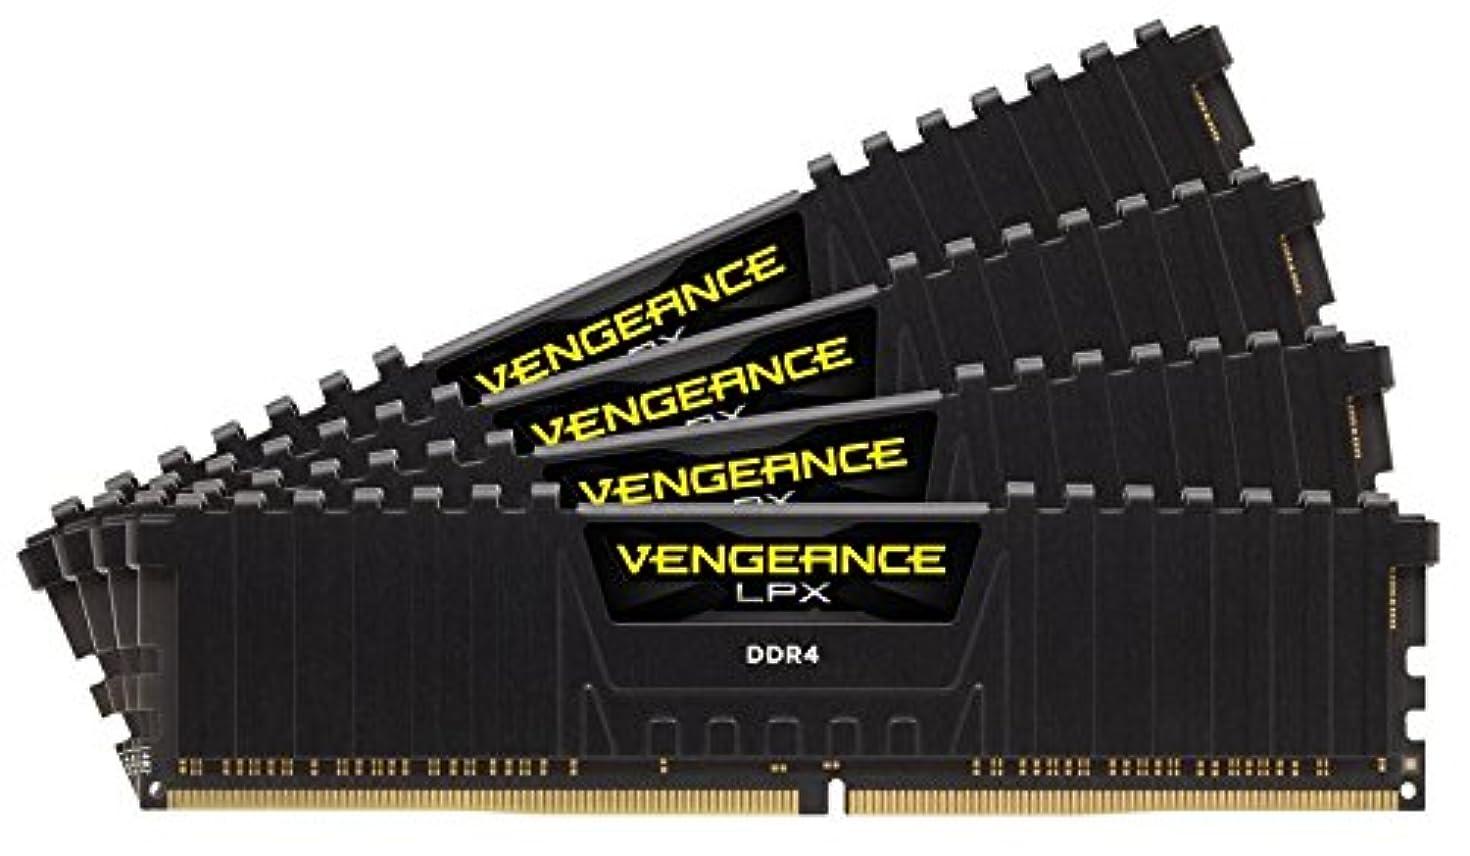 Corsair Vengeance LPX 64GB (4x16GB) DDR4 C18 with Airflow for Intel 200 - Black PC Memory CMK64GX4M4B3600C18